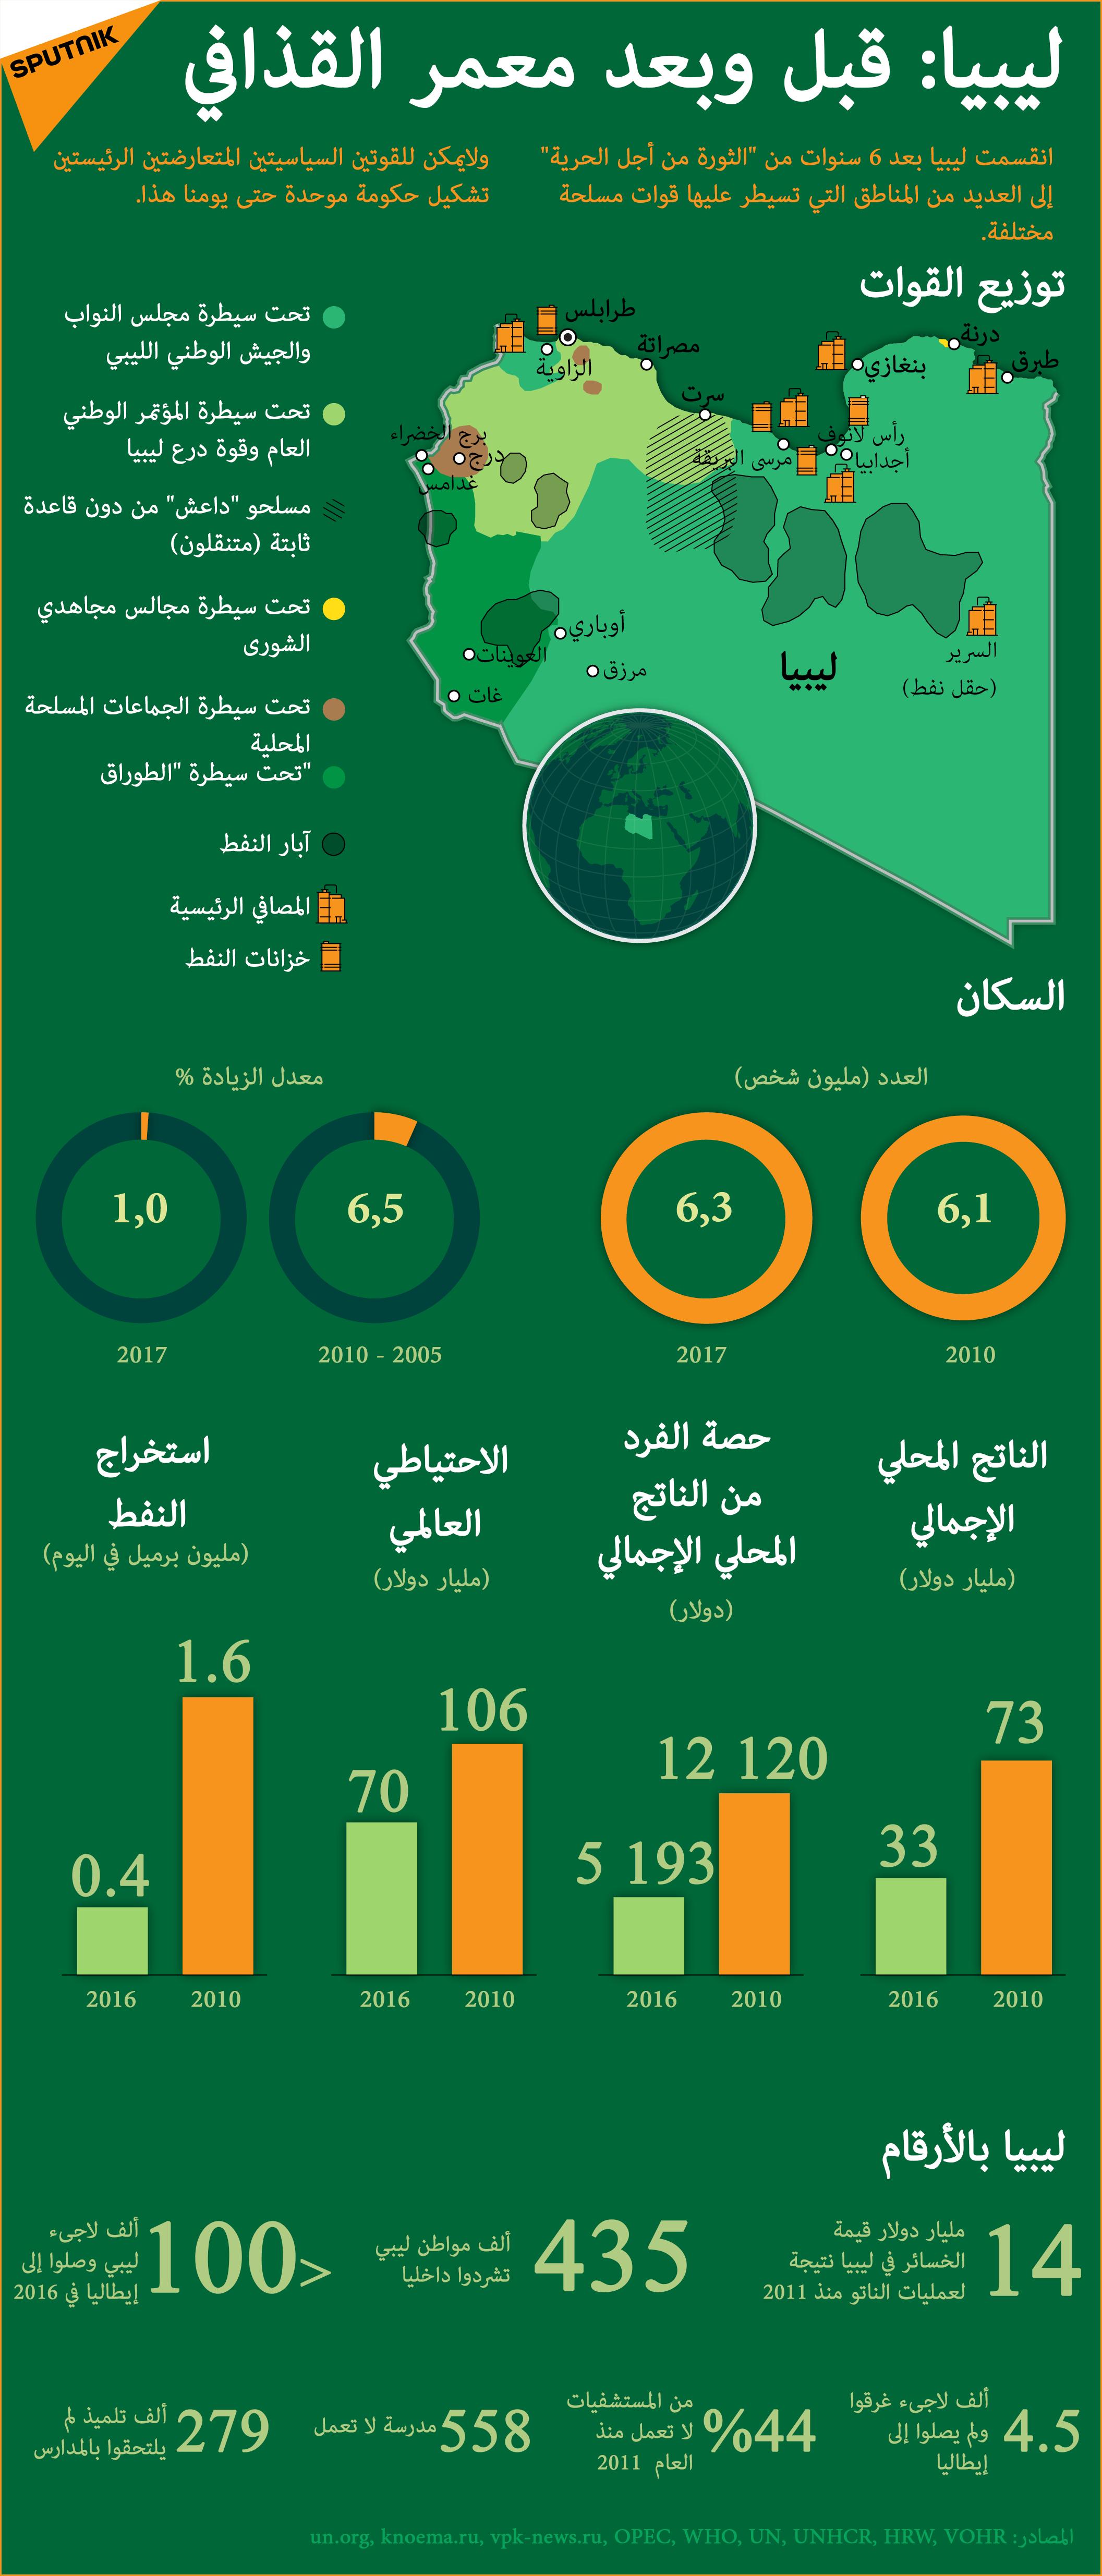 ليبيا: قبل وبعد القذافي